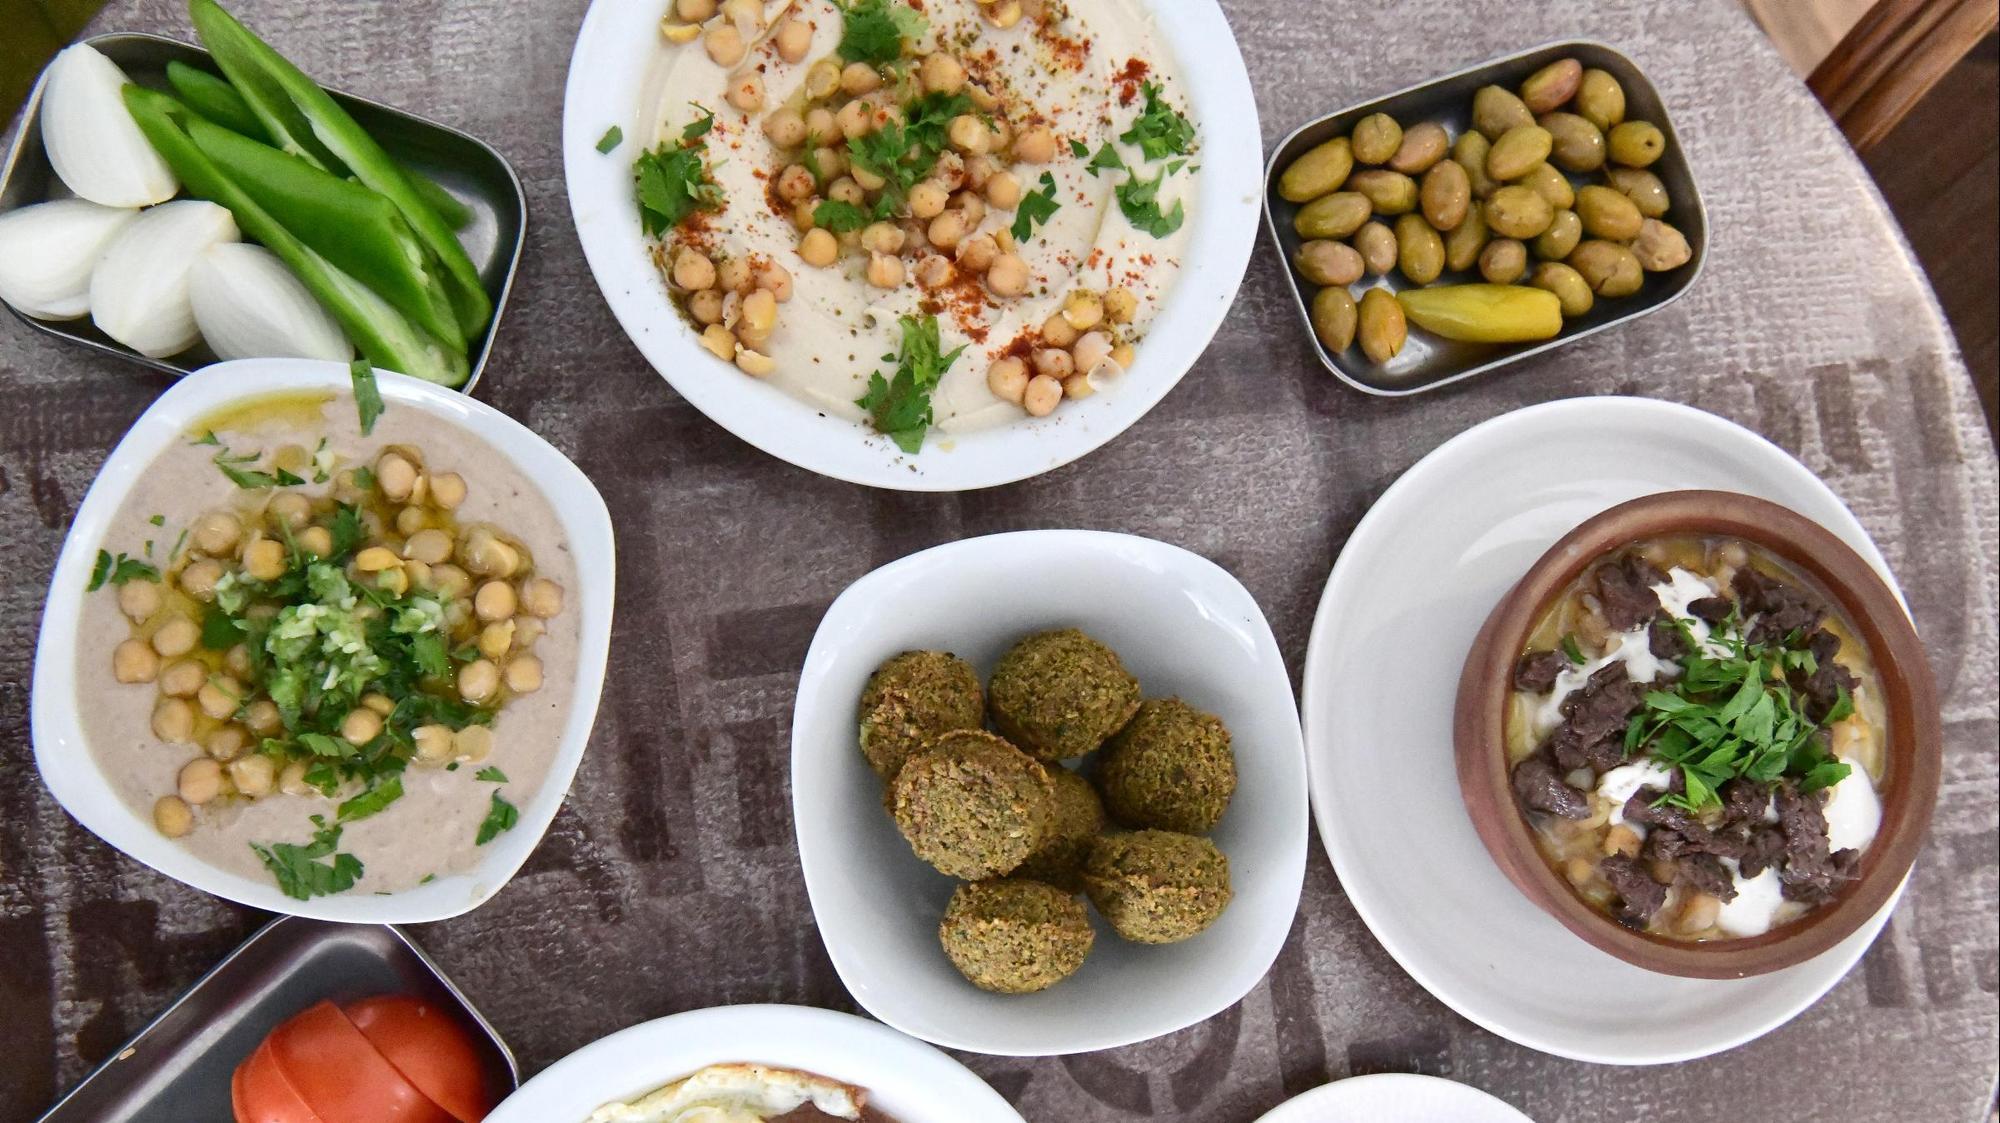 """מסעדת """"אל קלחה"""" בתל אביב. ראובן קסטרו"""